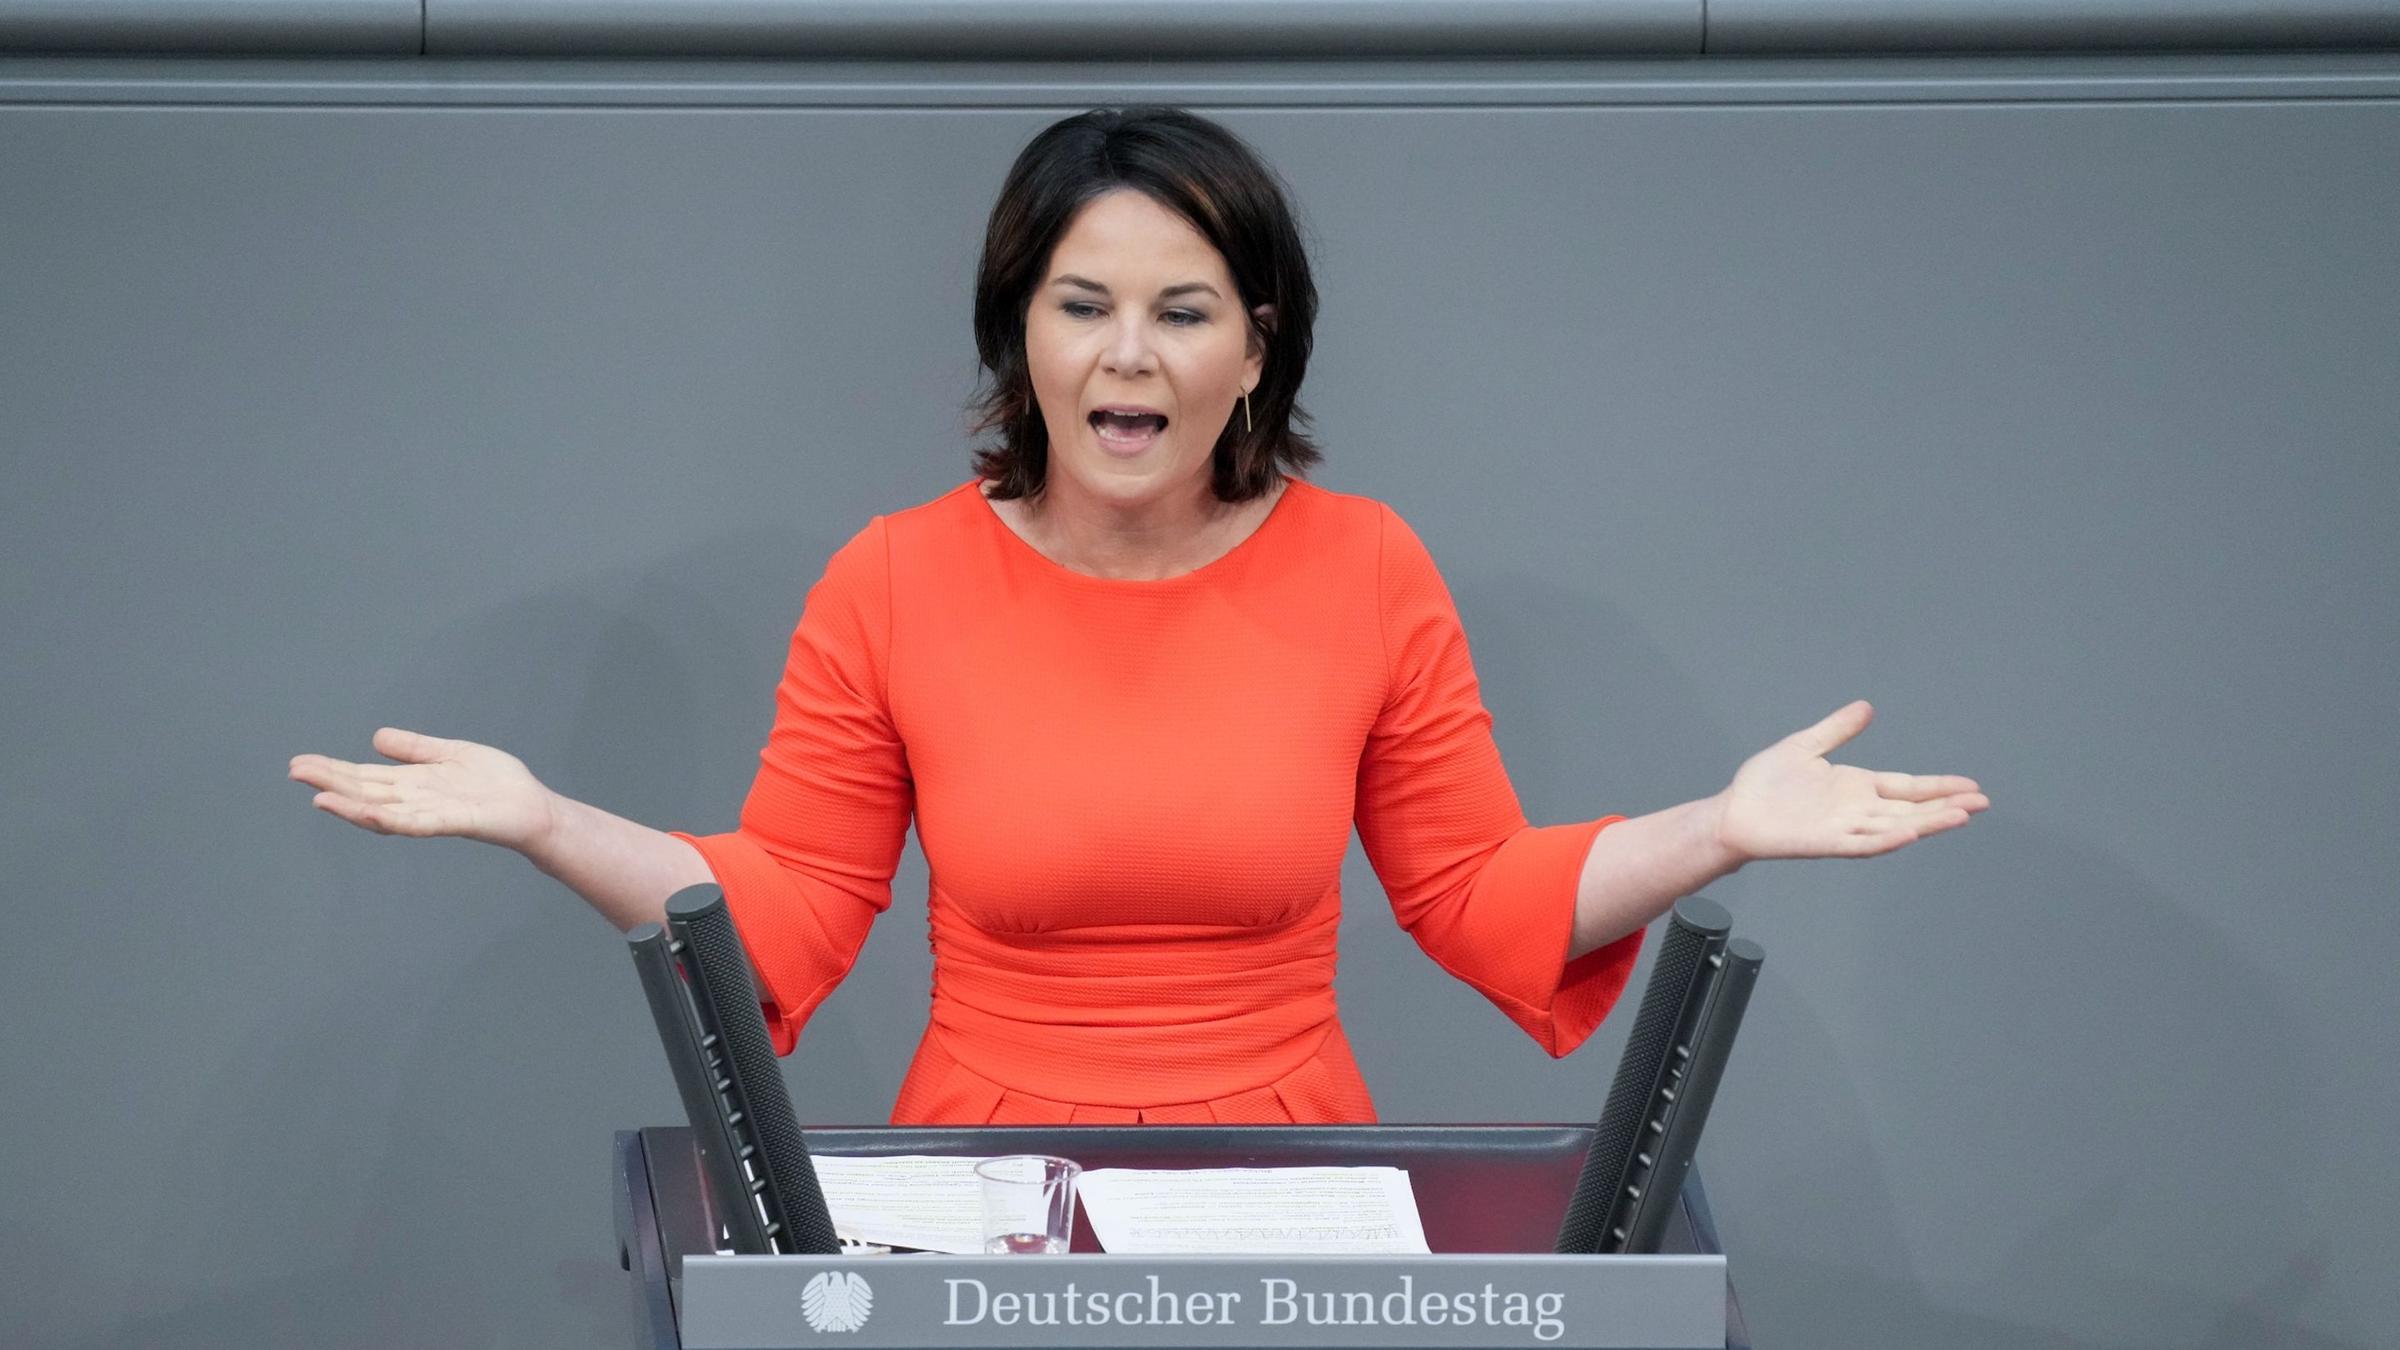 Baerbock Wirft Cdu Spalterische Politik Vor Zdfheute